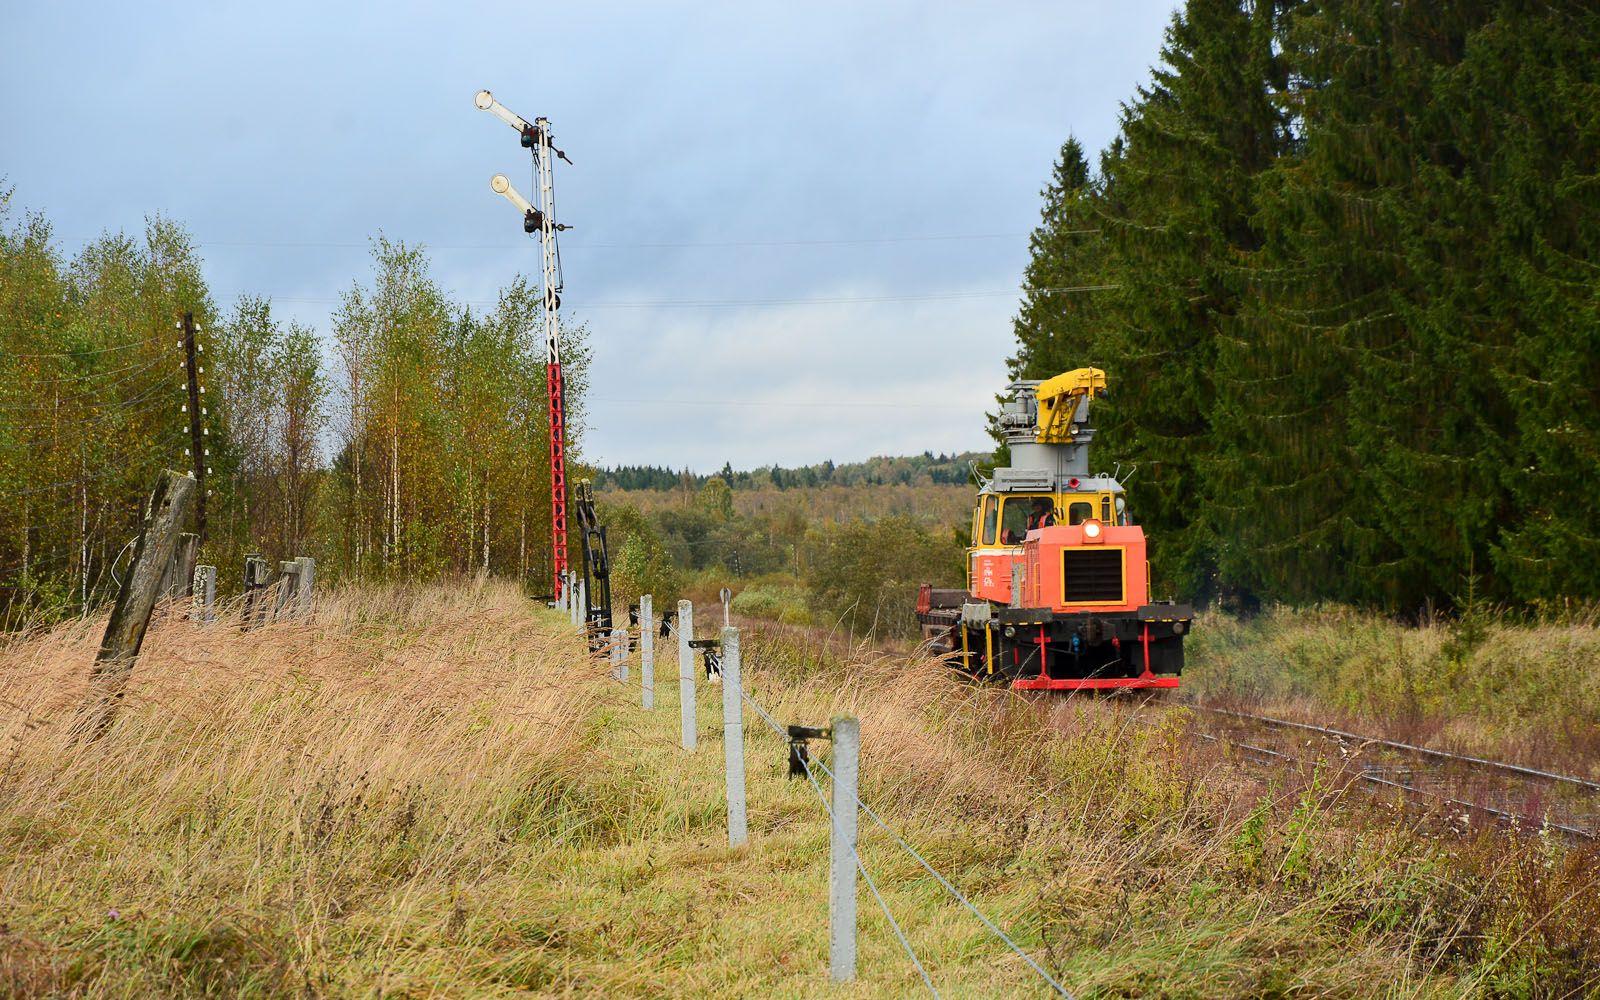 ©Foto: railmen Steffen Mann | Arbeitsfahrzeug MMT-4-143 fährt am Einfahrformsignal des Bf Ranzewo ein